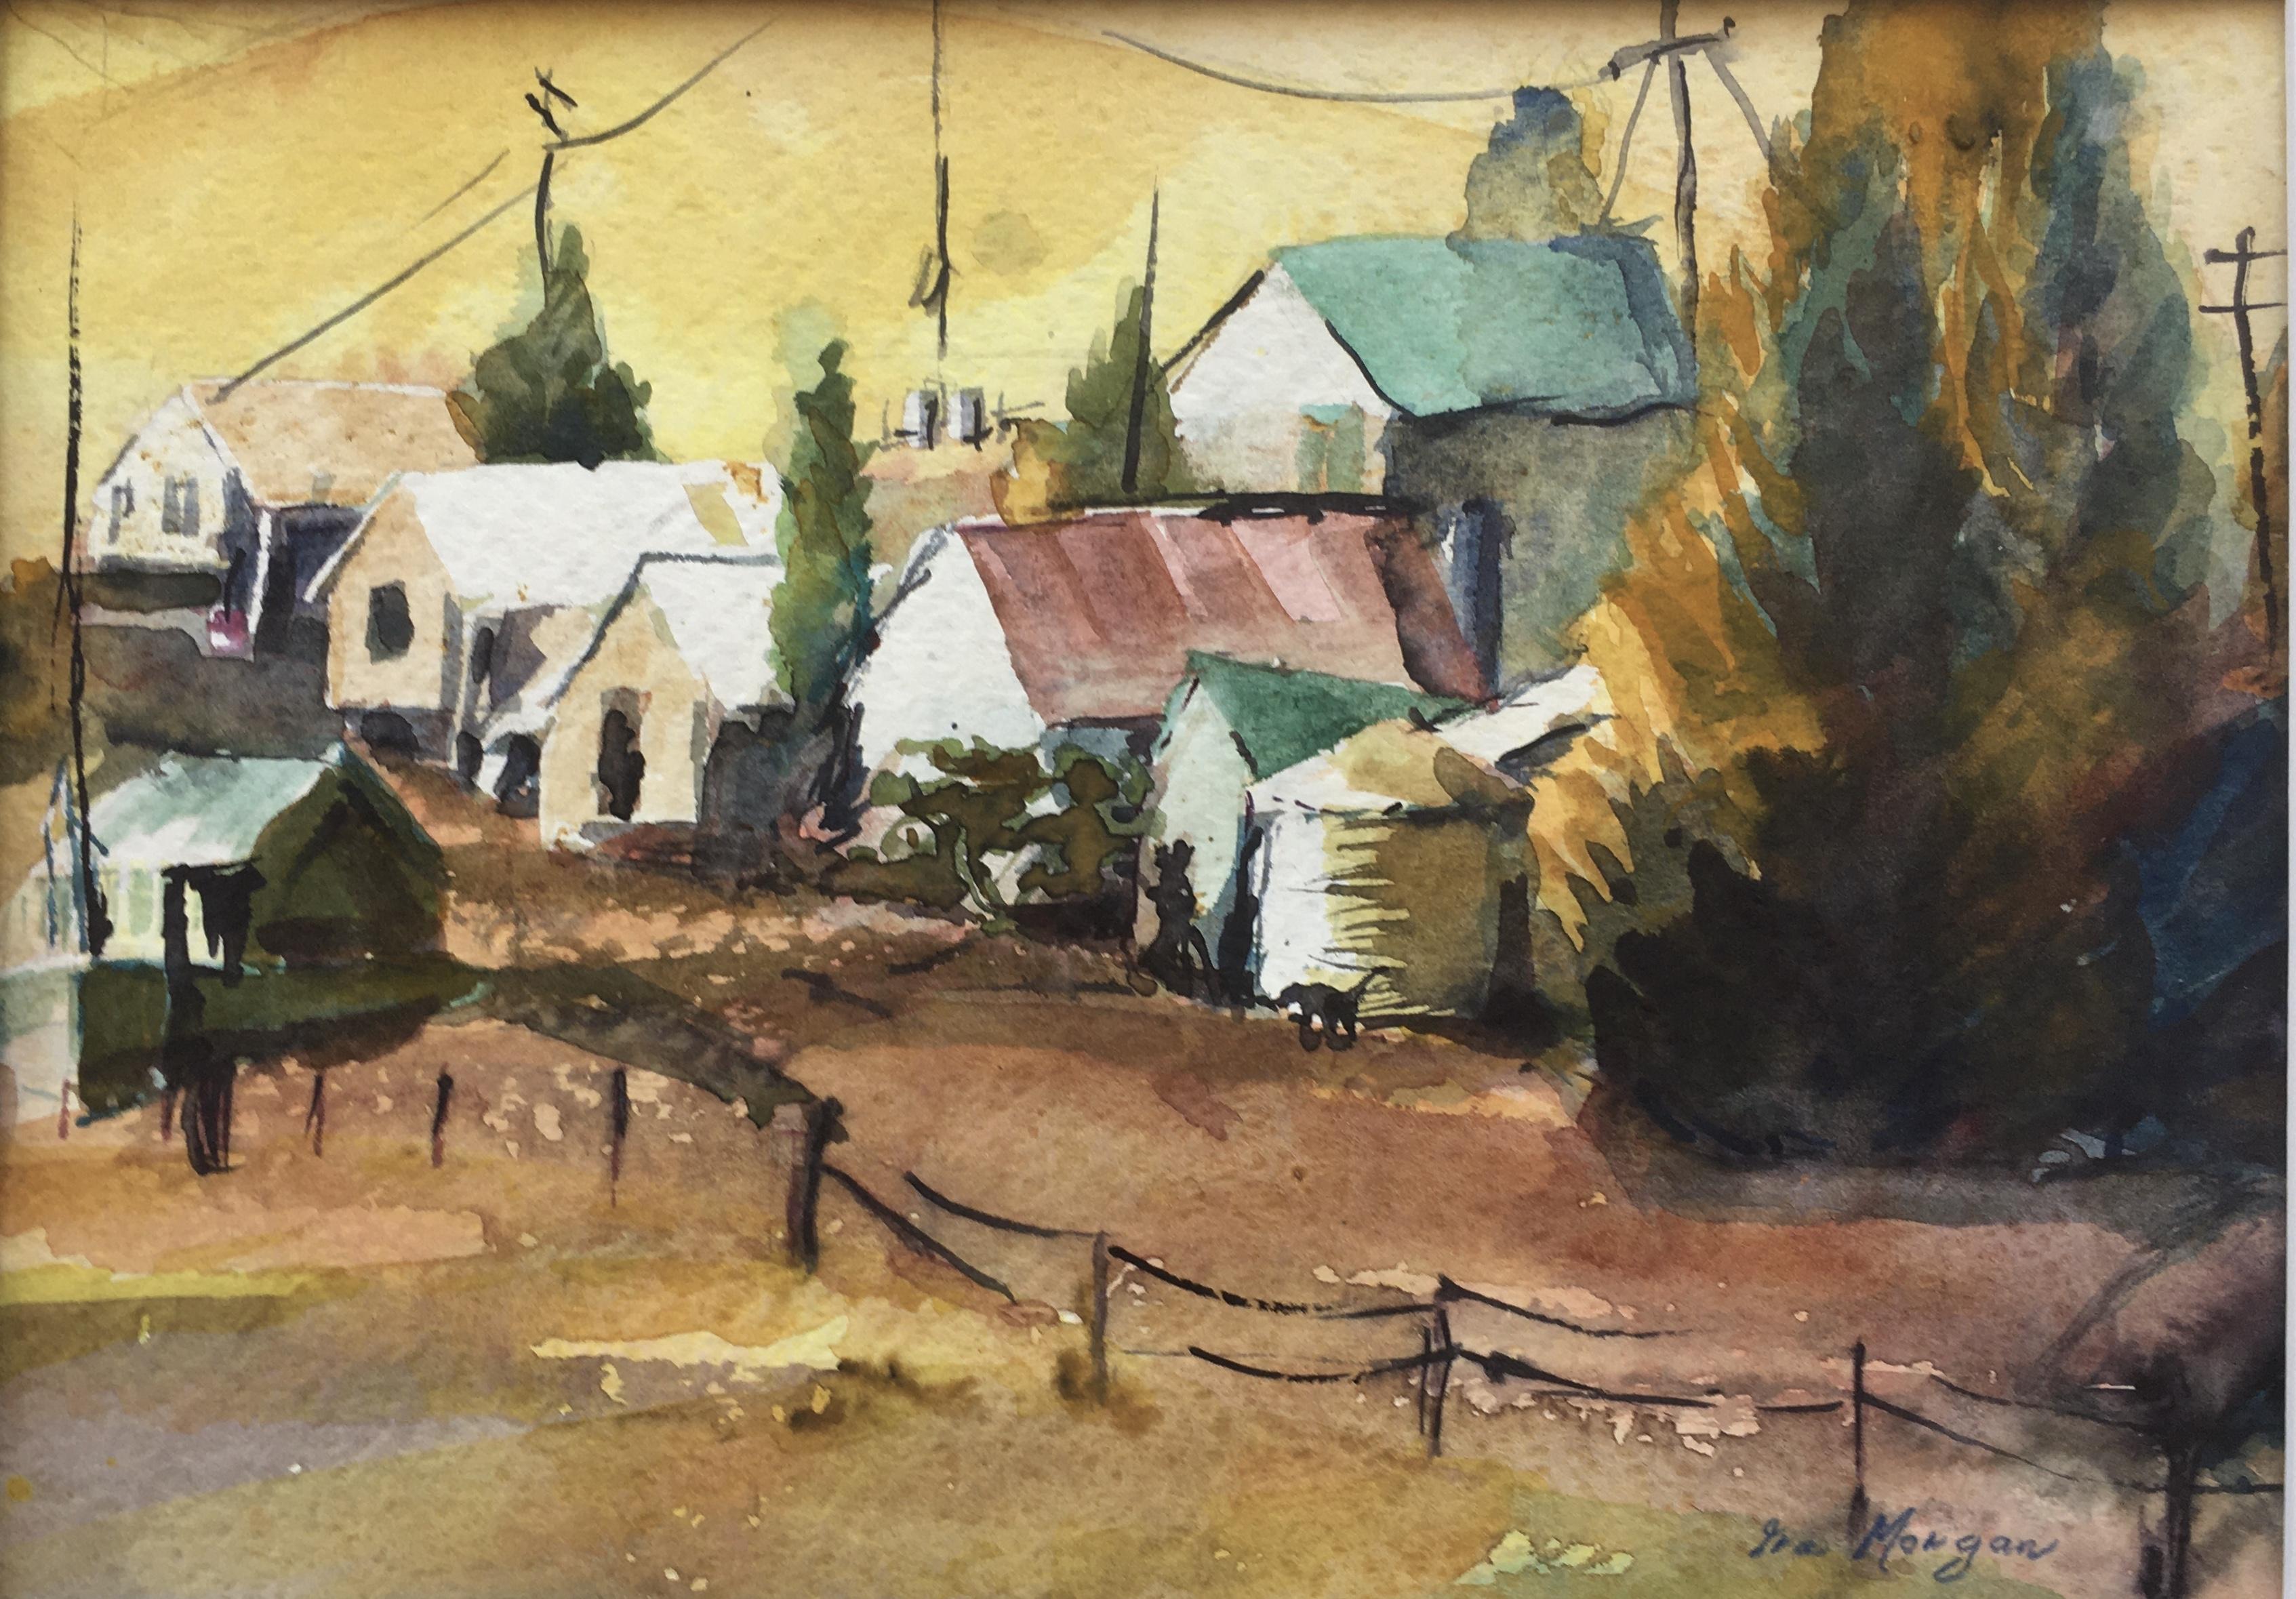 540. 'Scotts Creek'